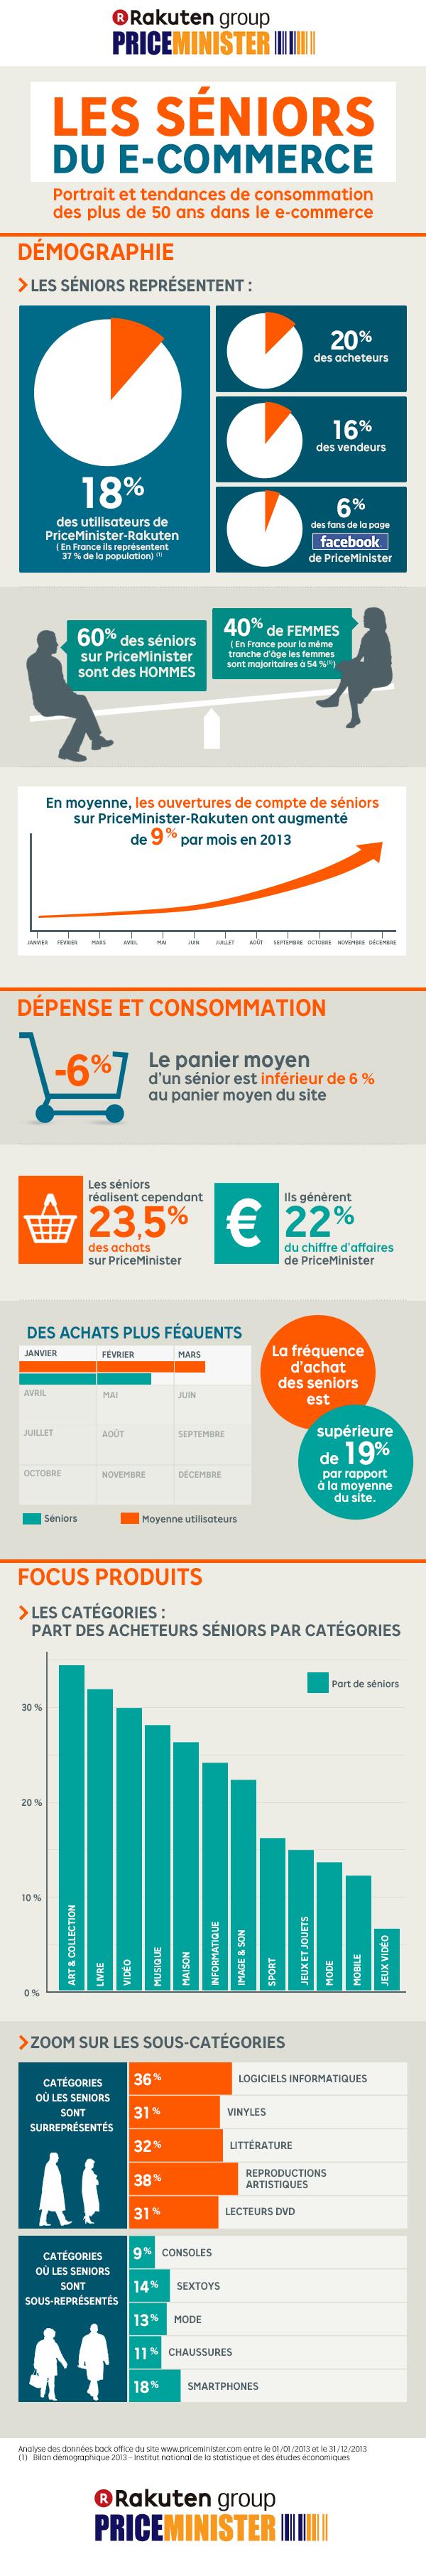 infographie séniors et le e-commerce